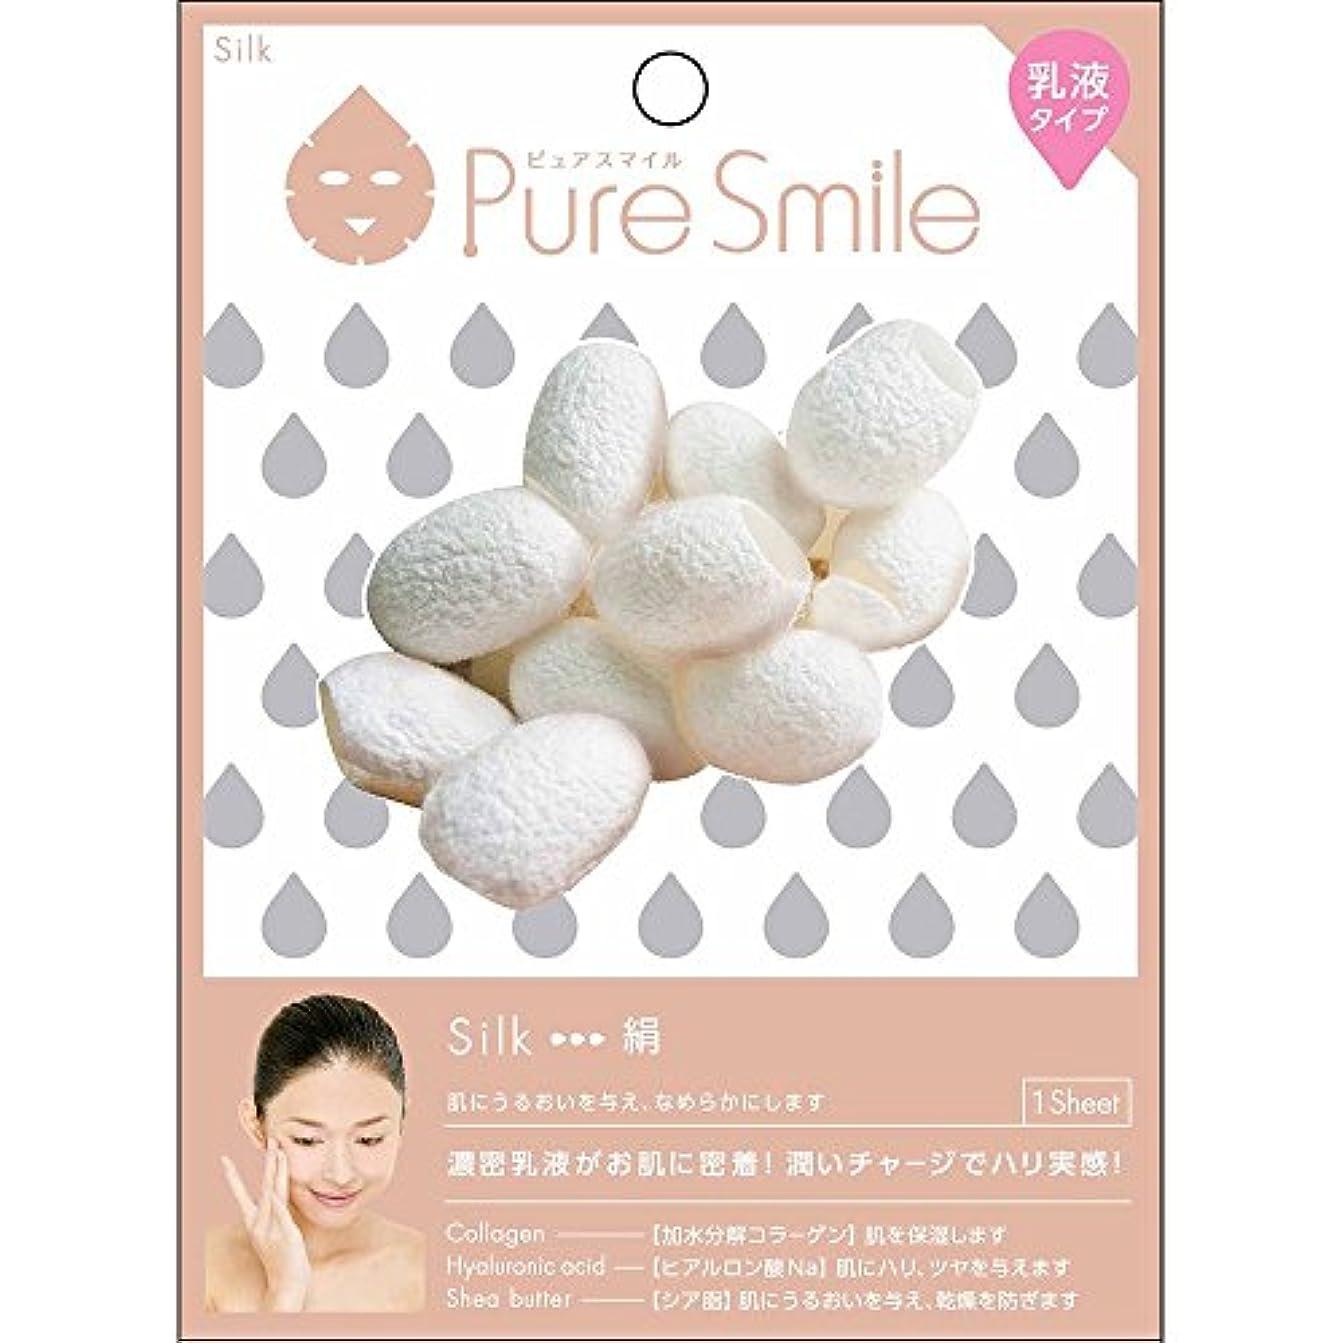 行くでるを除くPure Smile(ピュアスマイル) 乳液エッセンスマスク 1 枚 絹